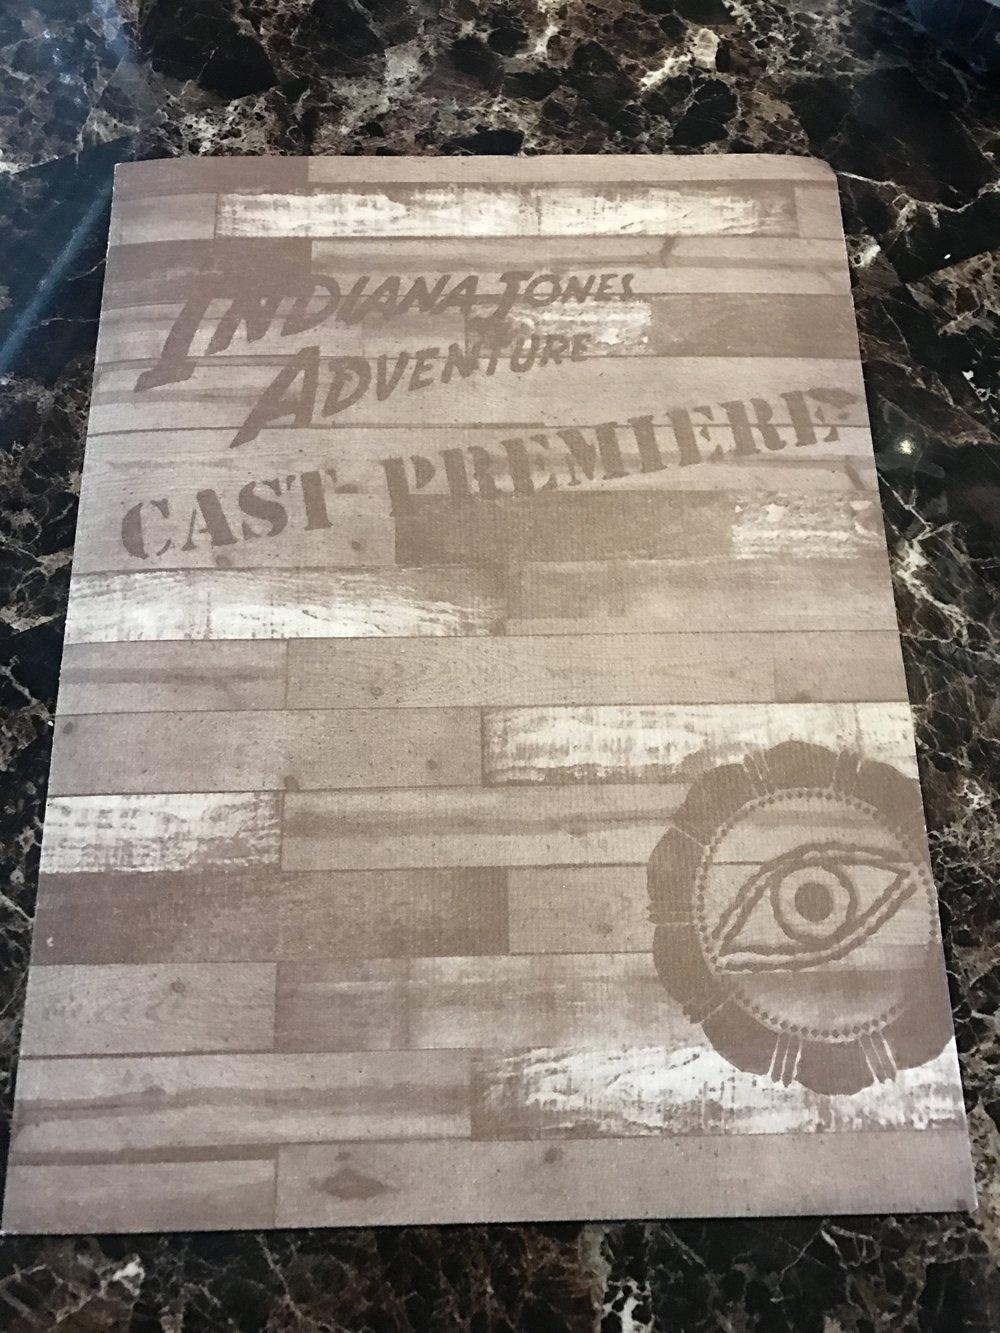 Disneyland Cast Member gift (1995)